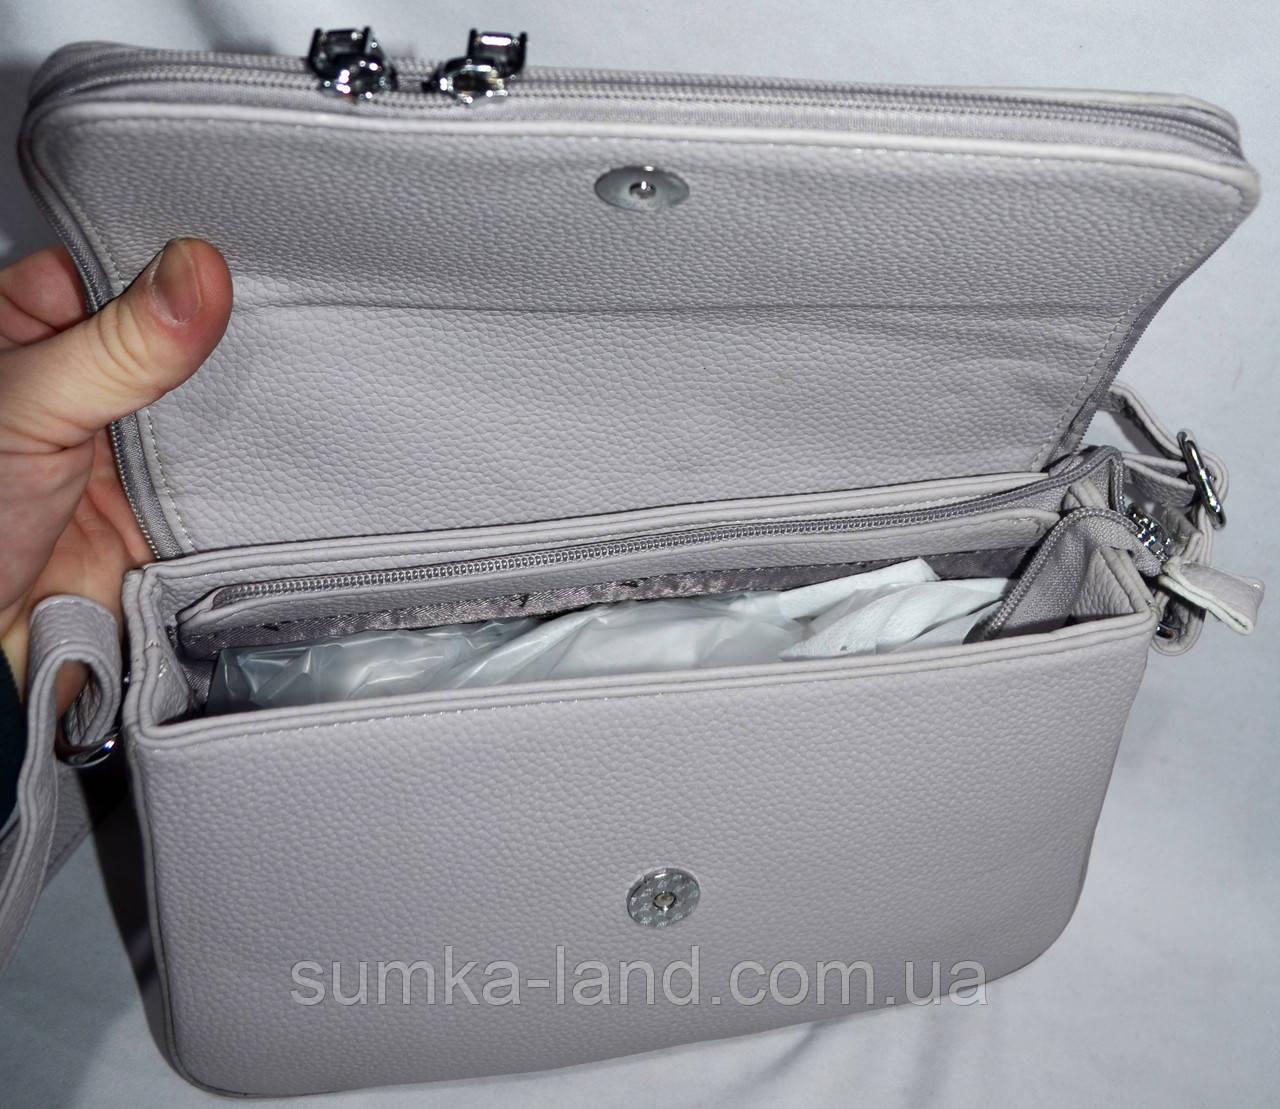 f7eb2fc77988 ... Женский клатч серебряный на клапане с карманом на молнии 26*17 см, фото  3